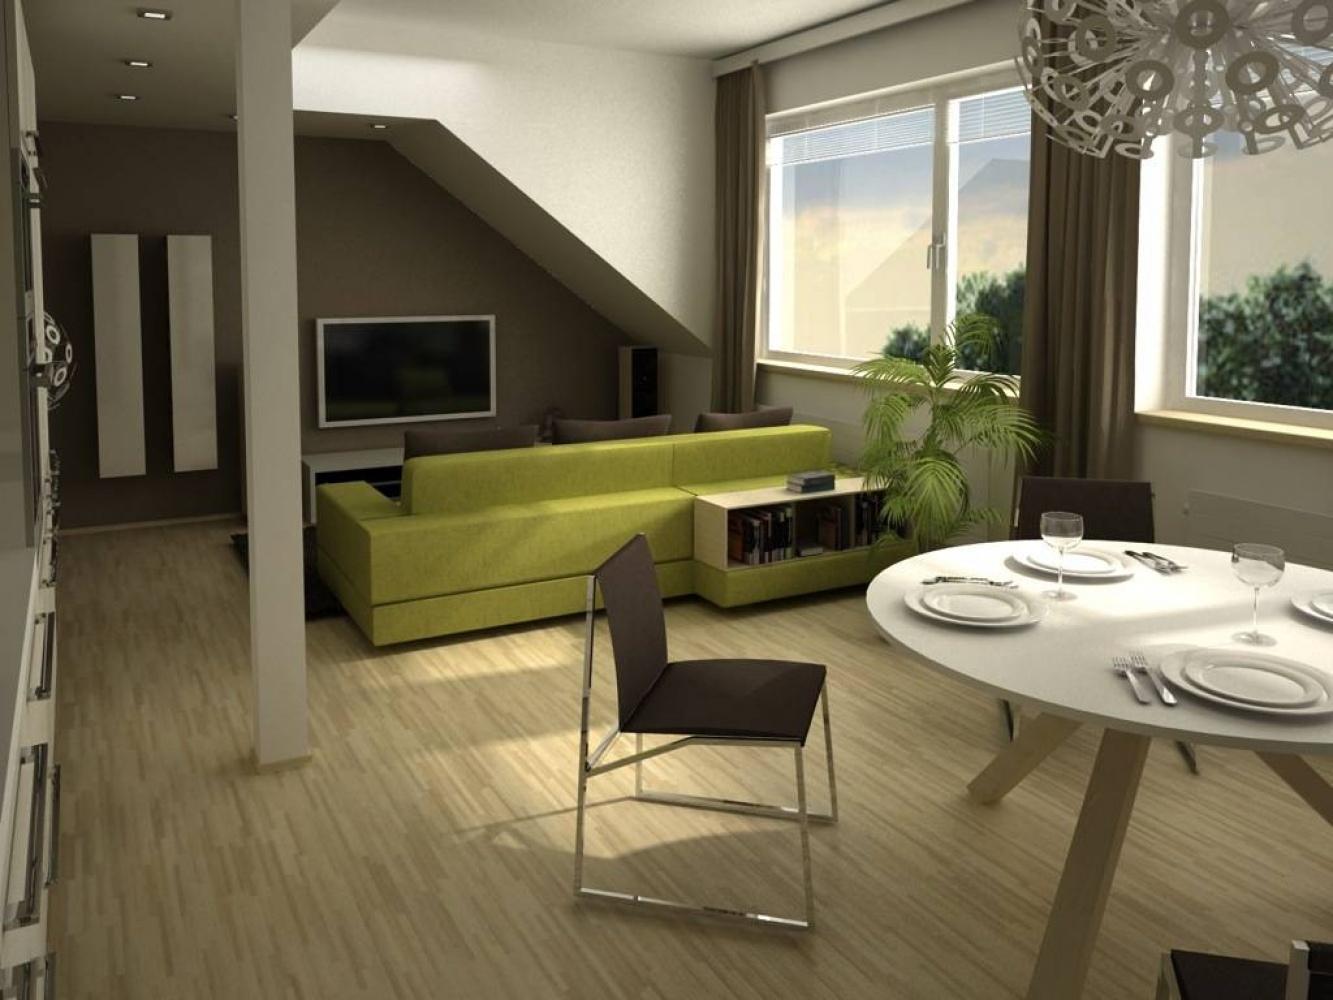 Půdní byt 2+kk, plocha 39 m², ulice U Vody, Praha 7 - Holešovice   2